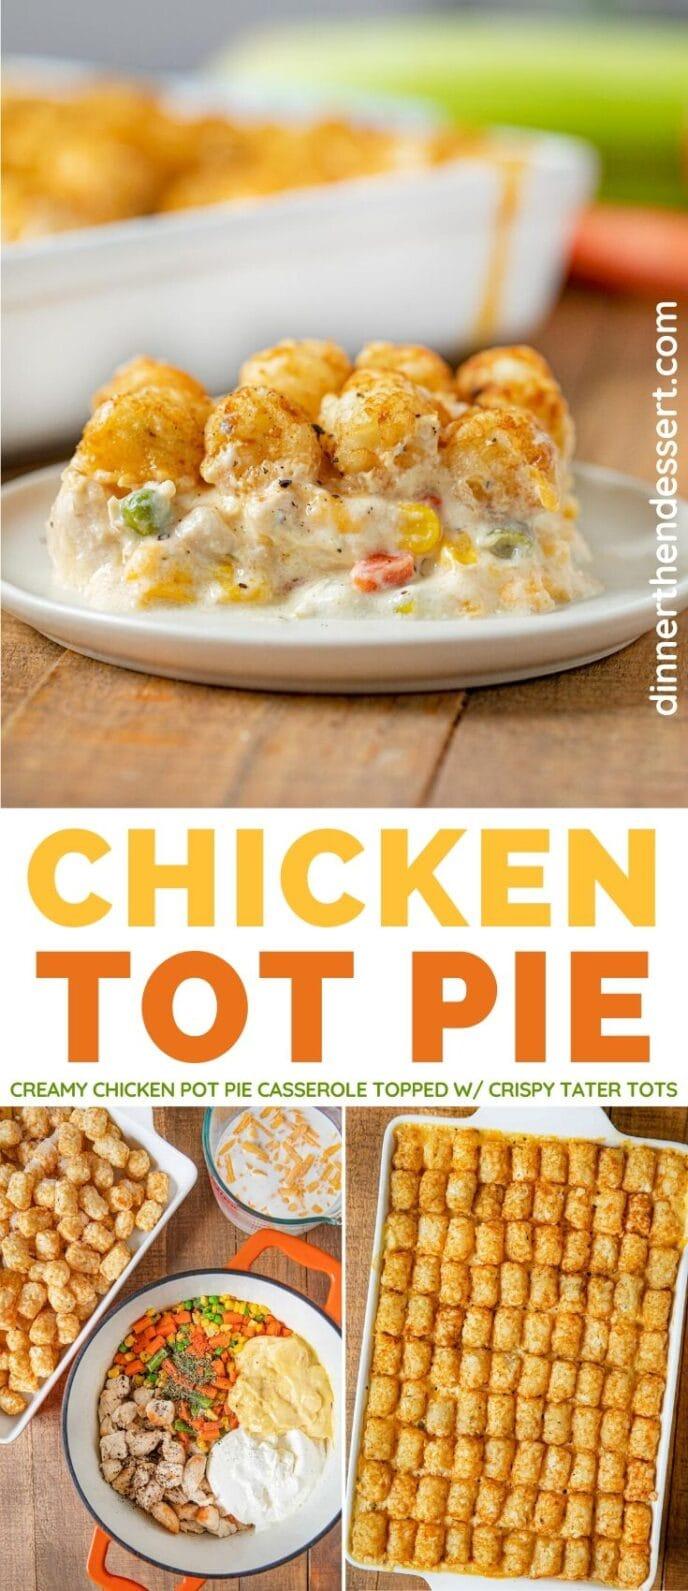 Chicken Tot Pie collage